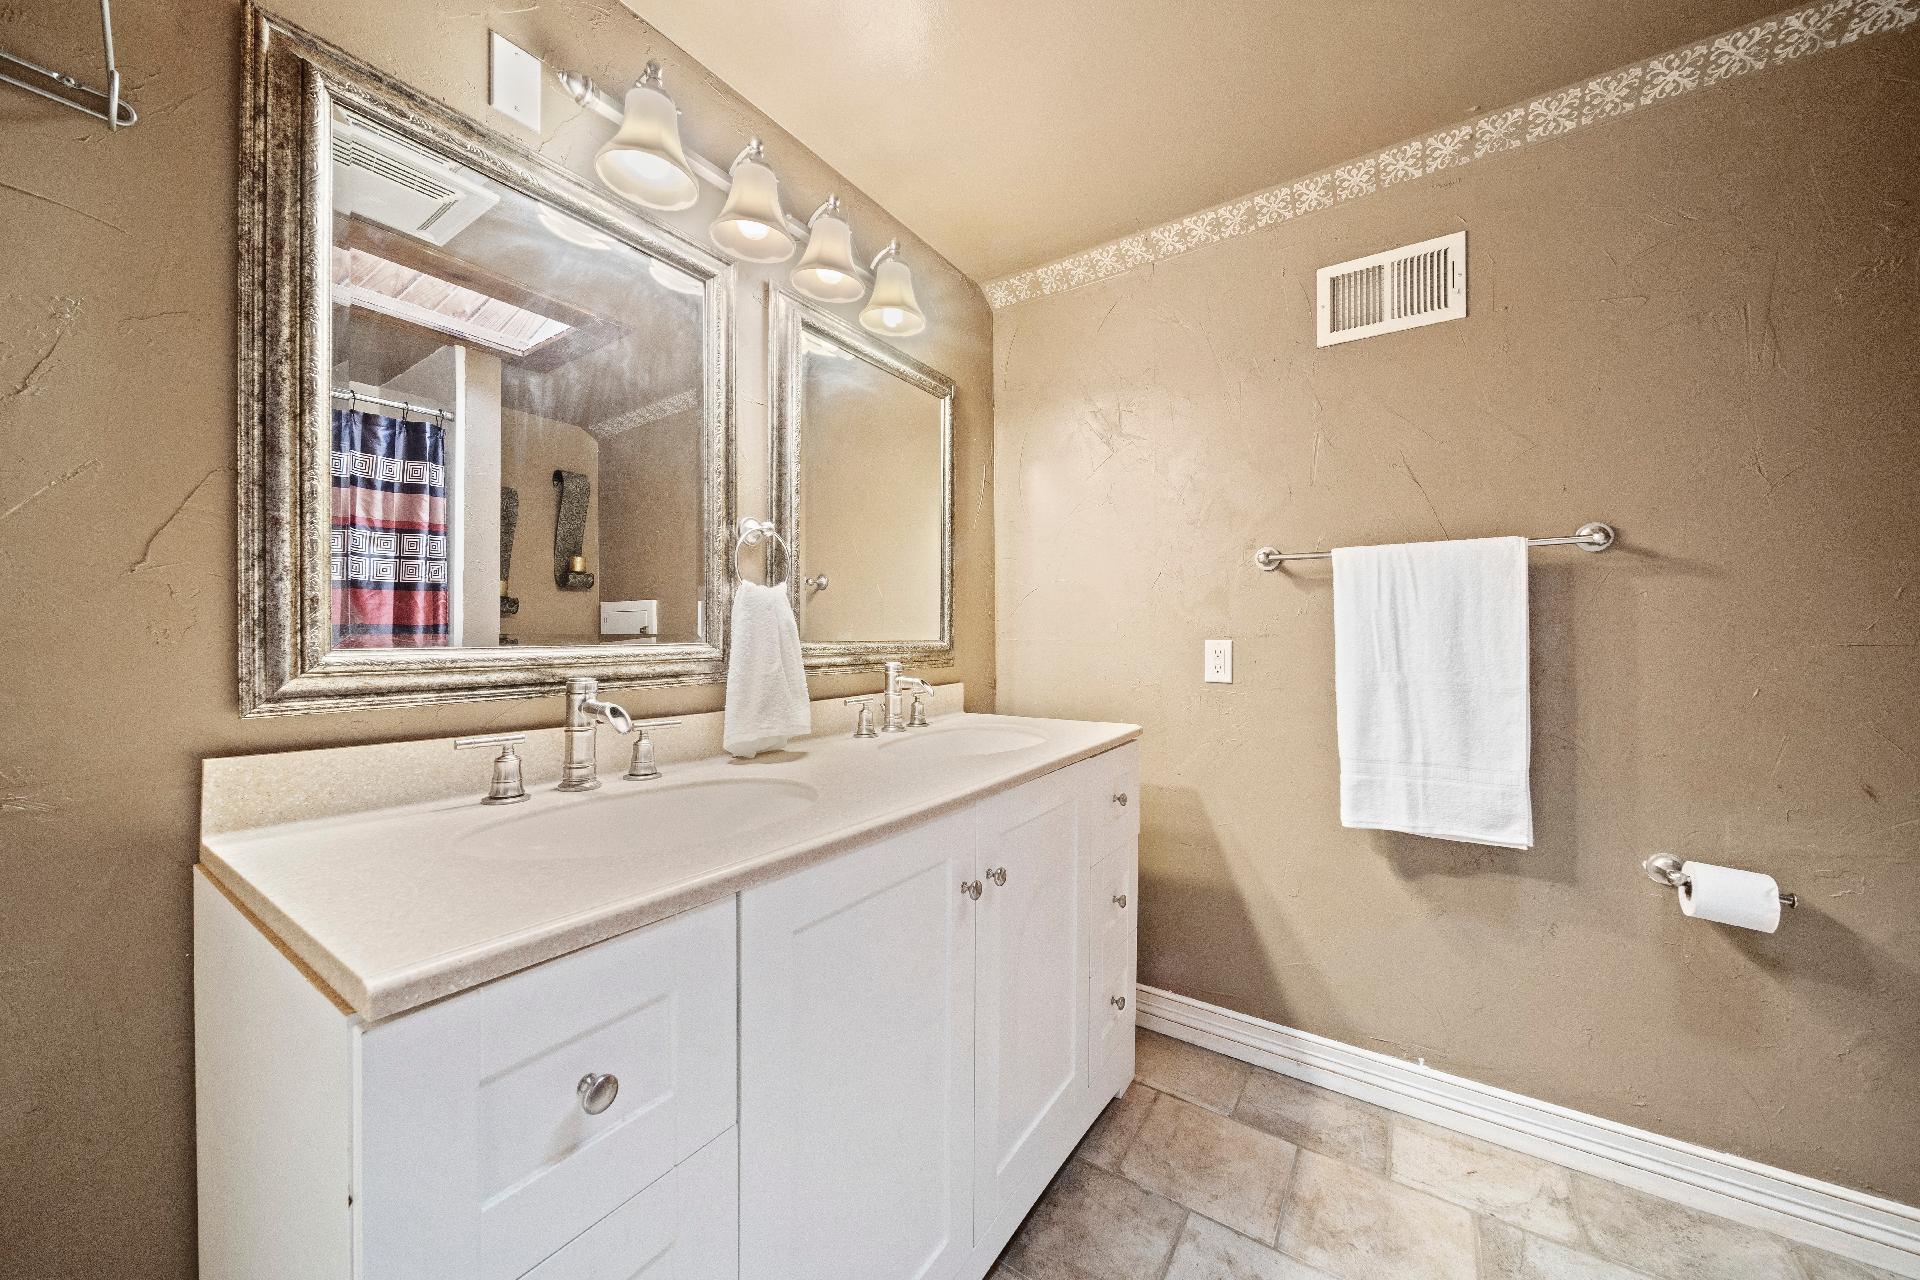 6616 E 54th Street Property Photo 24